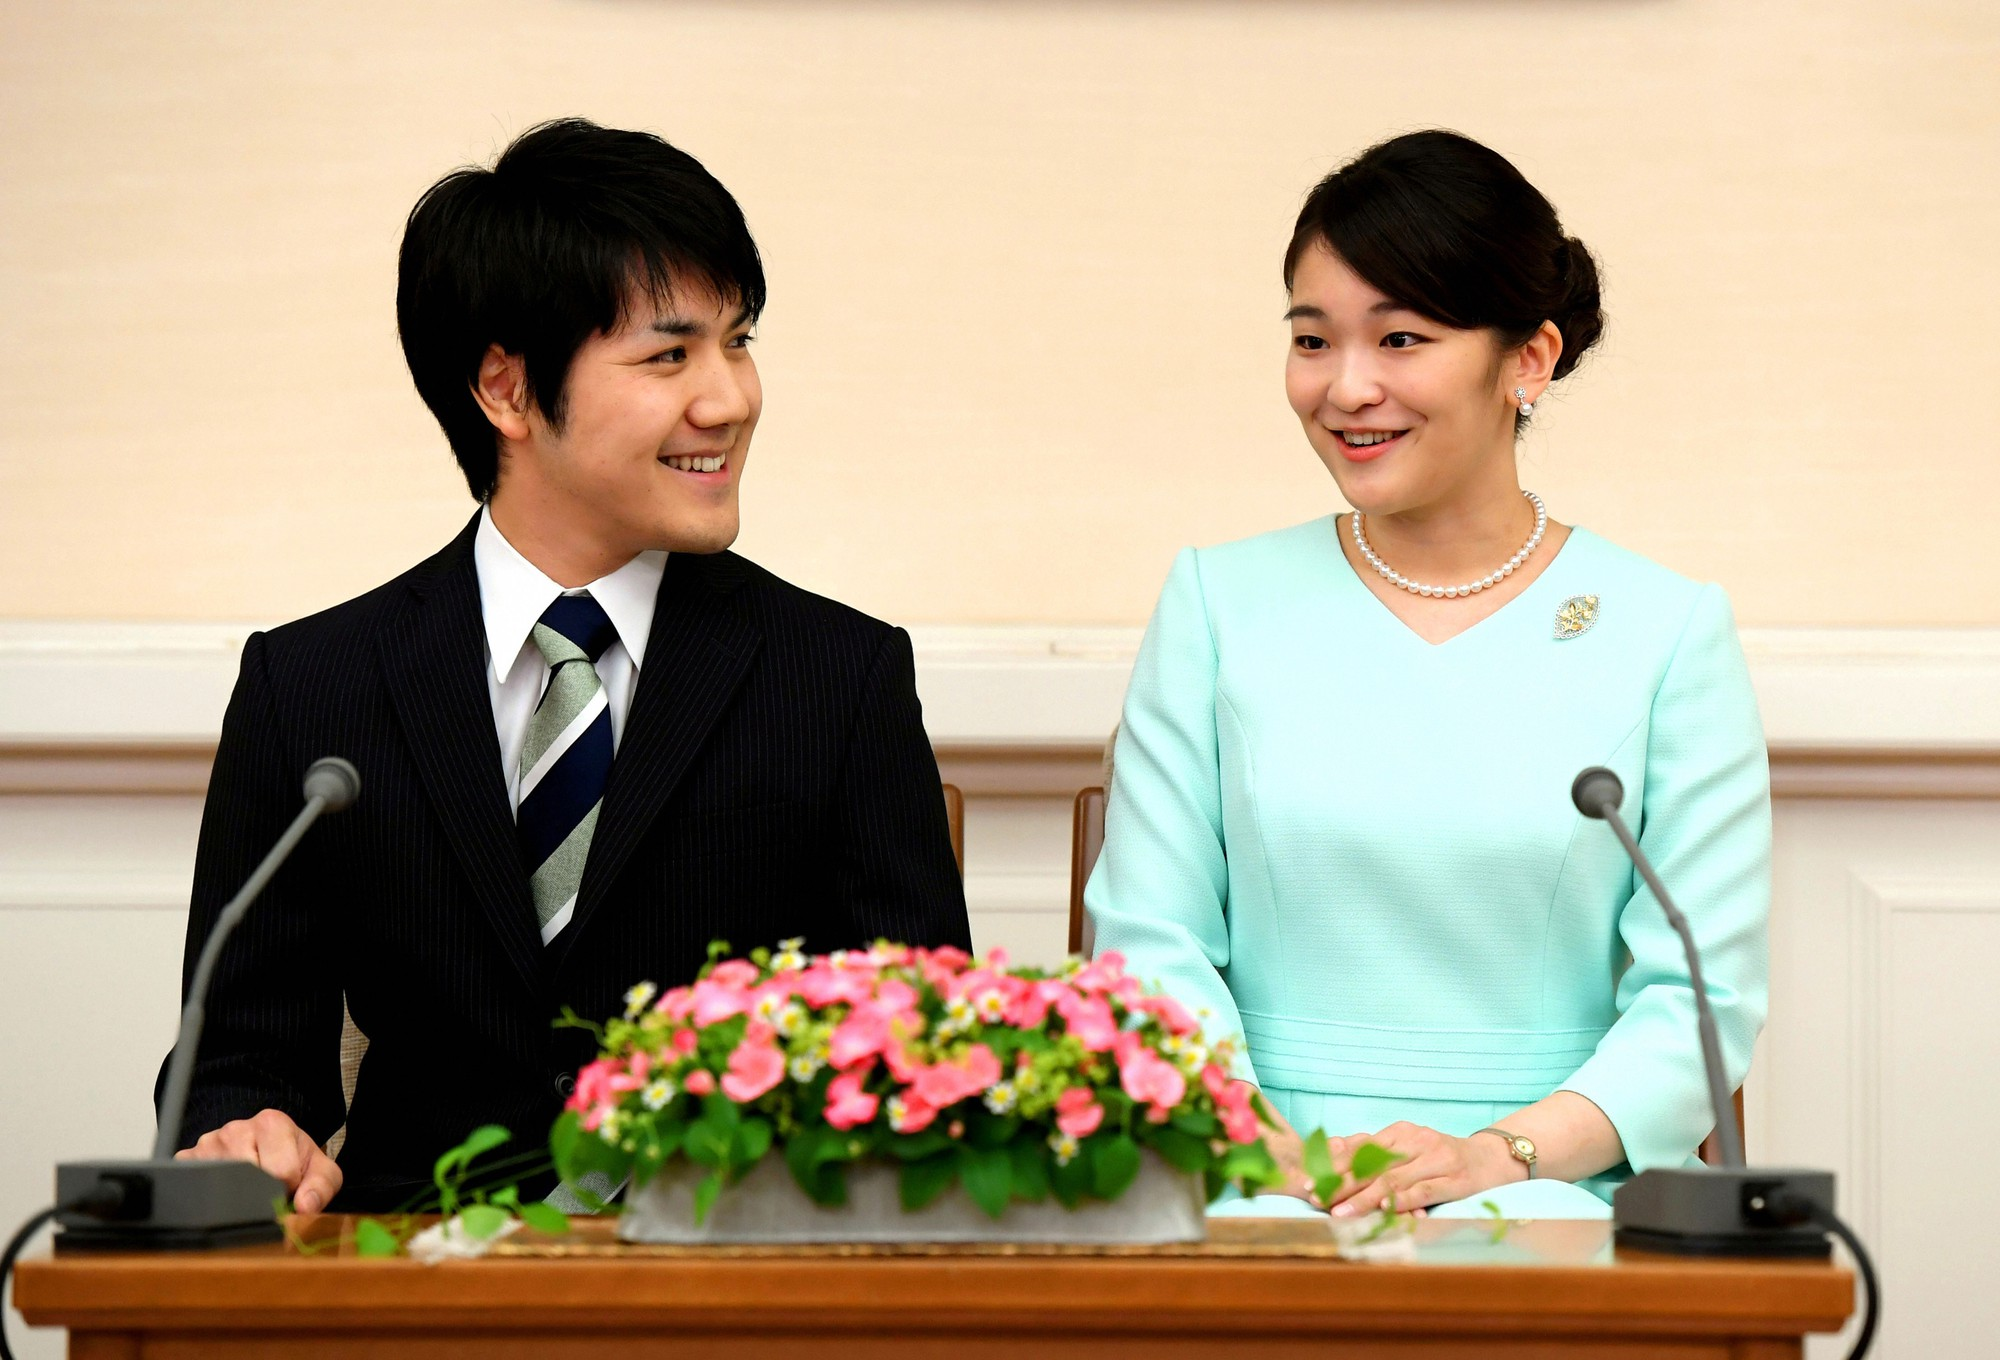 Thái tử Nhật Bản bất ngờ đưa ra phát ngôn gây tranh cãi, hé lộ góc khuất khắc nghiệt của hoàng gia kín tiếng nhất nhì thế giới-2